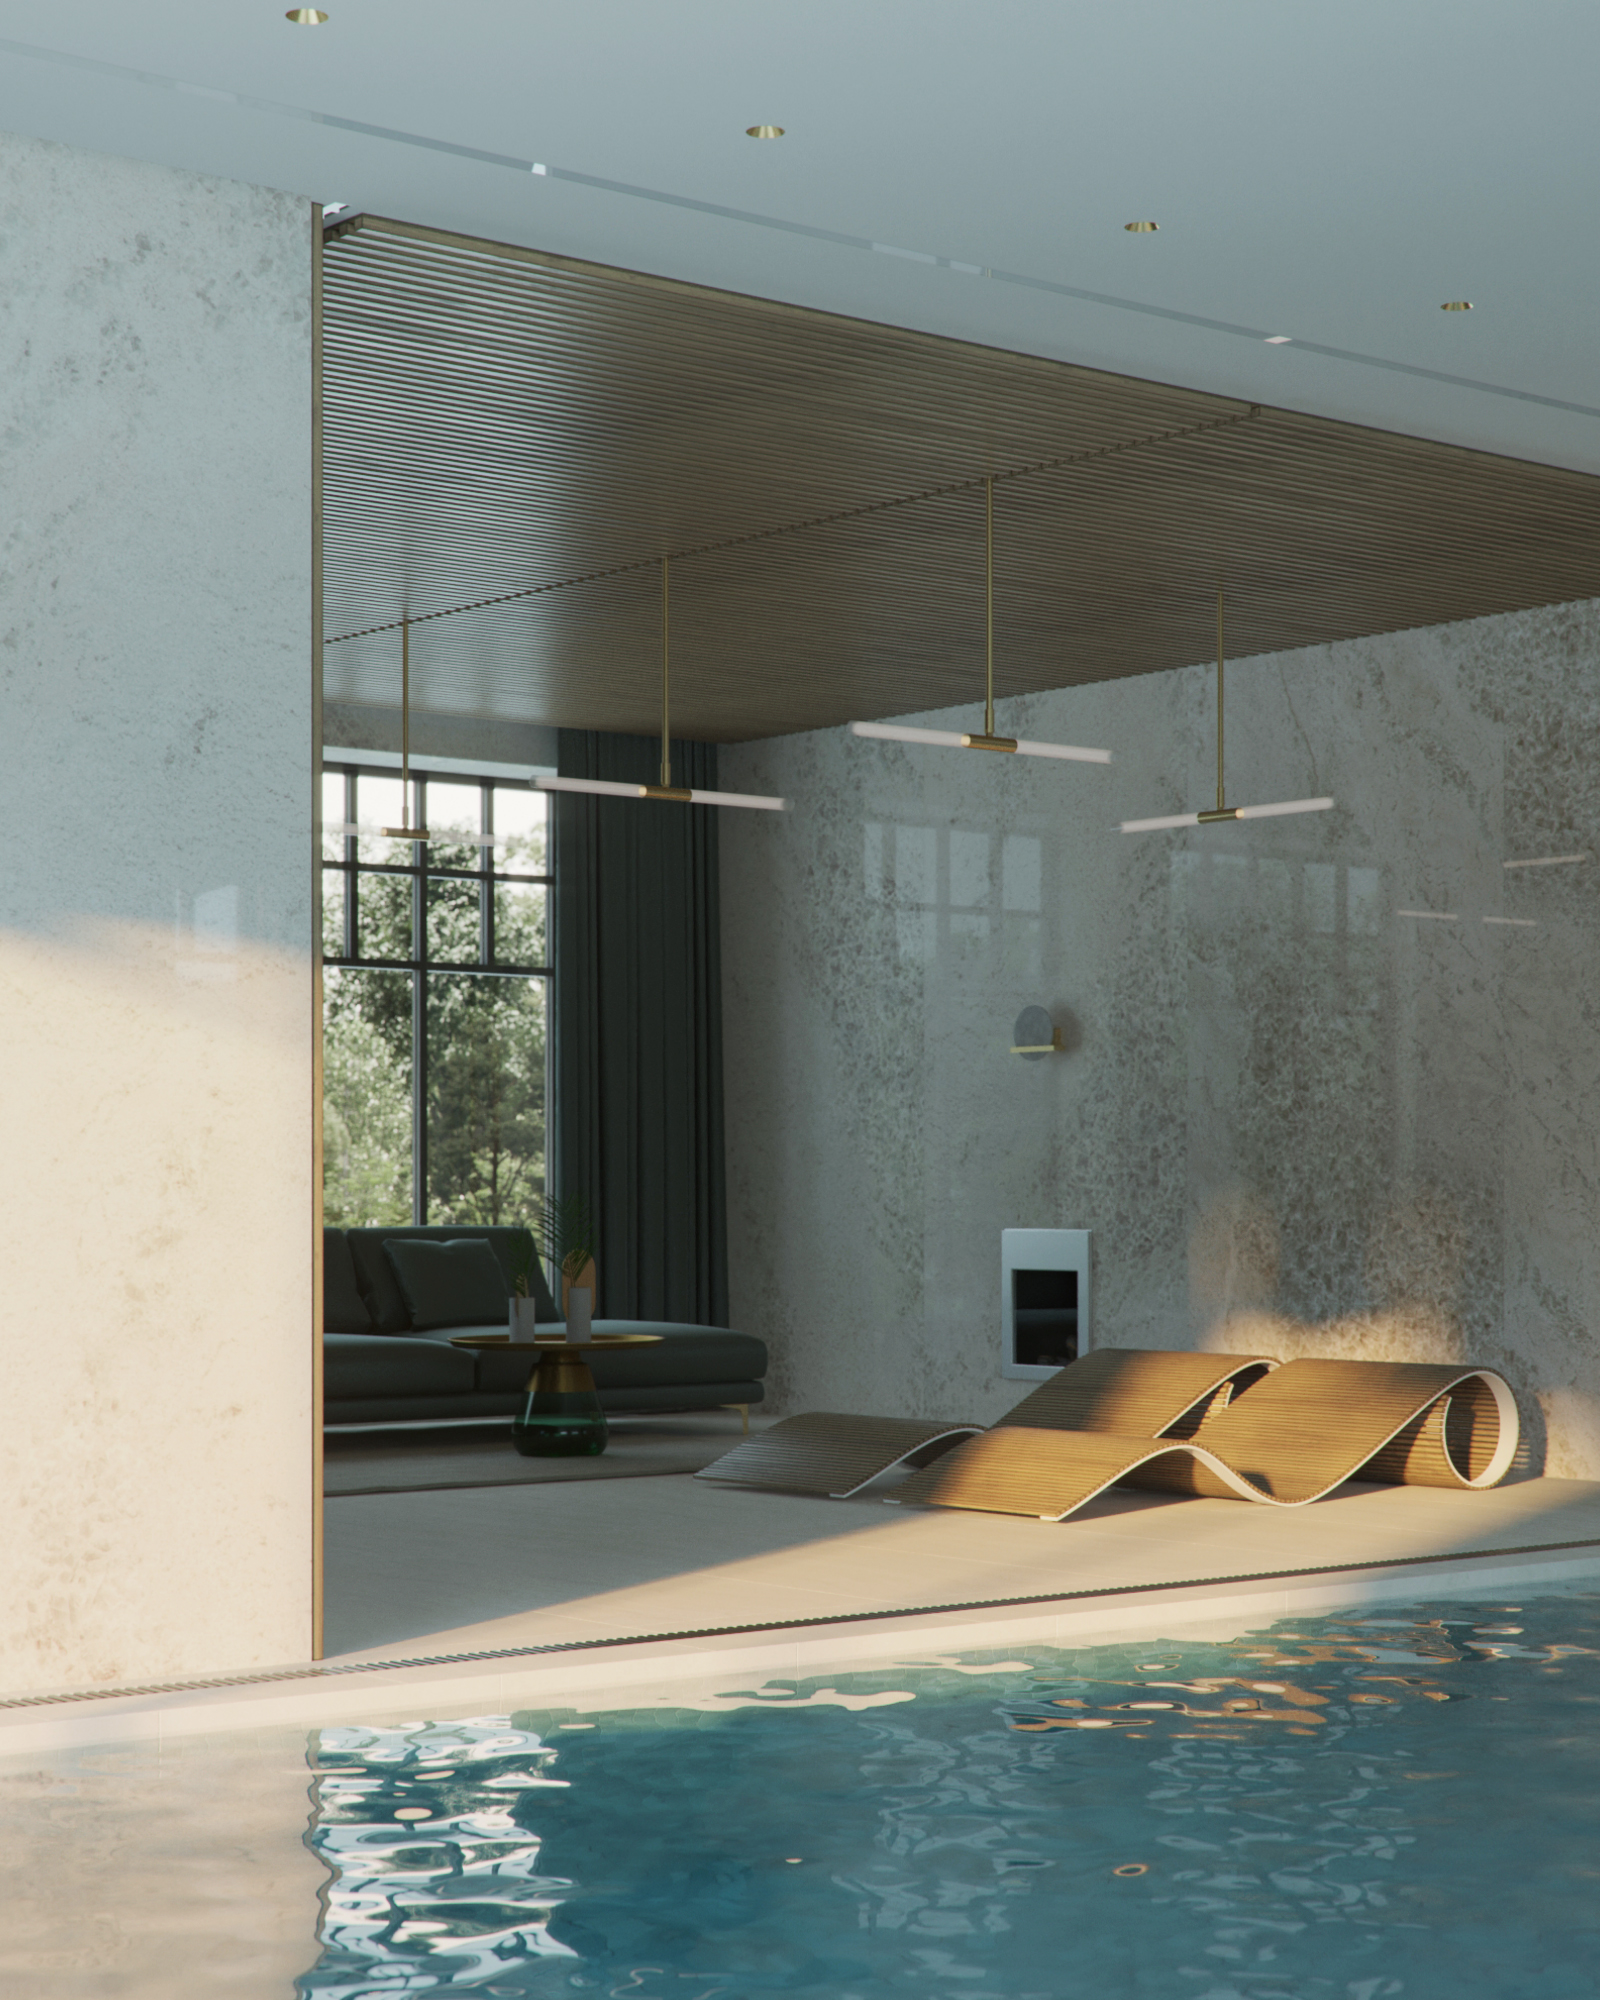 Fanipol guest house [дизайн интерьера гостевого дома] 2019